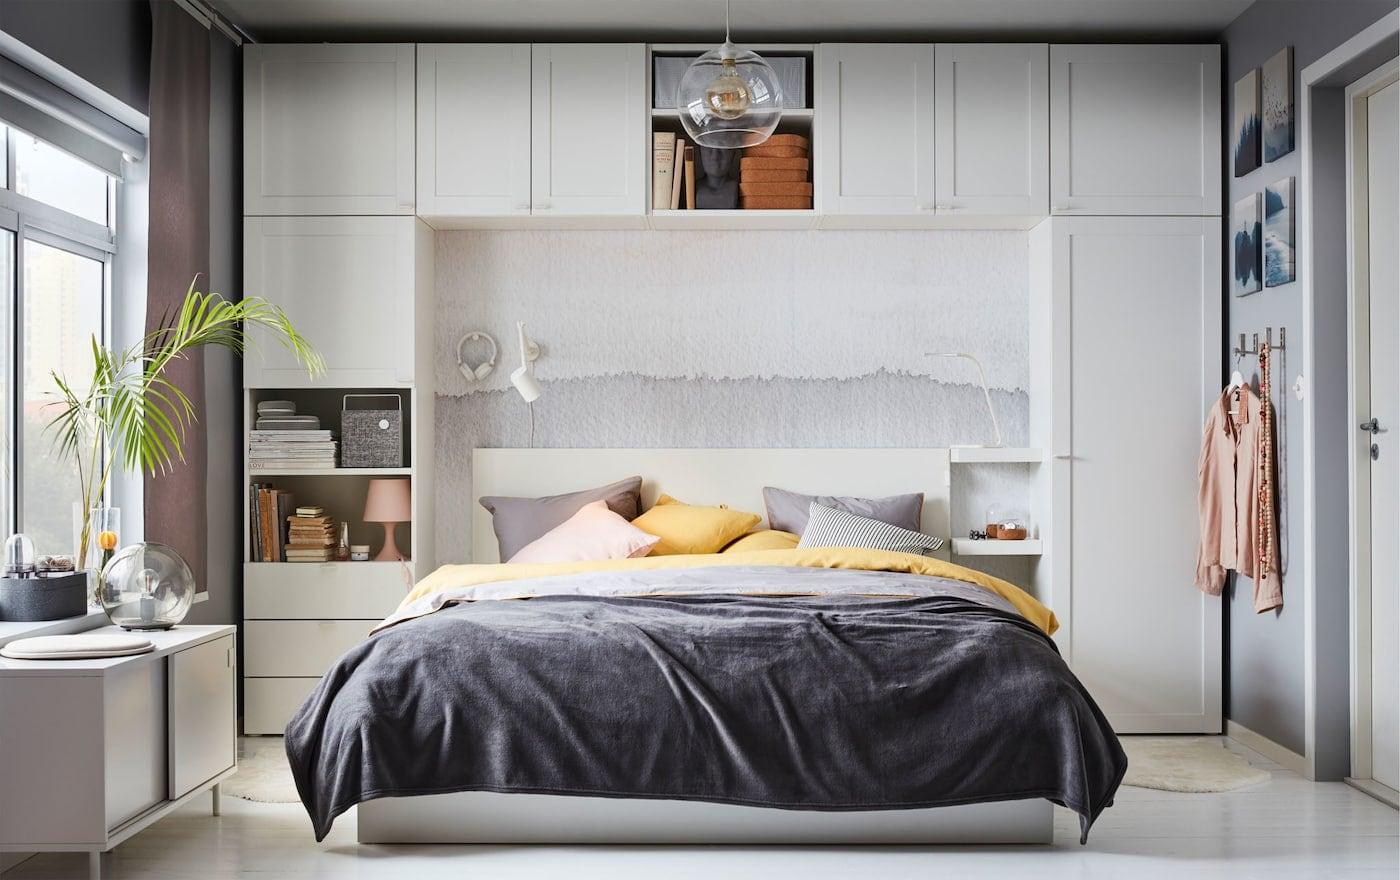 Schlafzimmer inspirationen f r dein zuhause ikea for Camere da letto deco